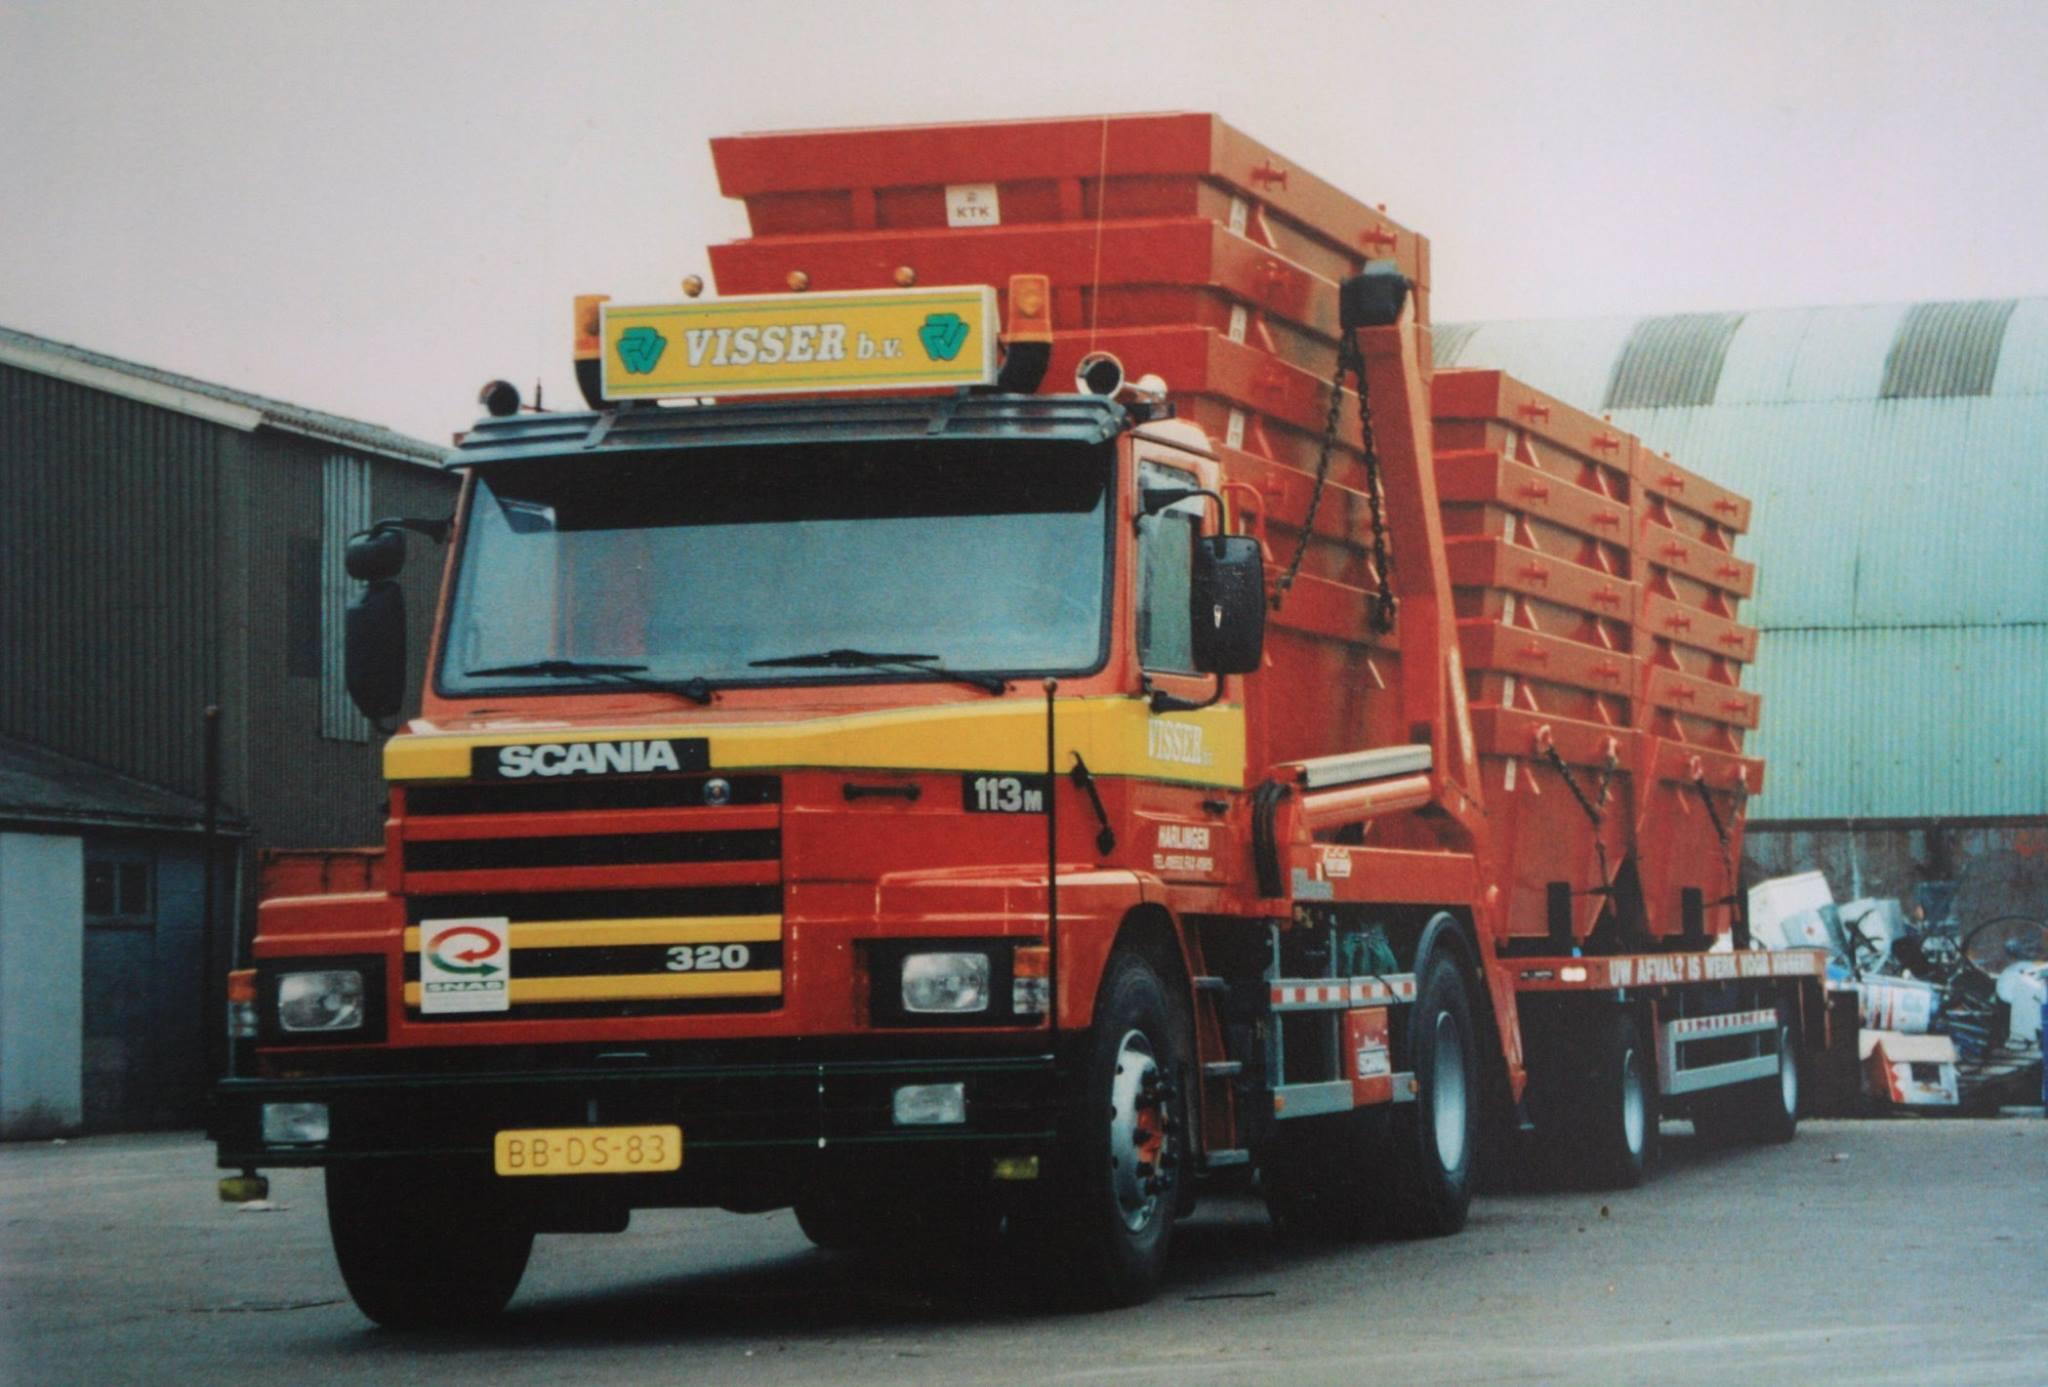 Scania-113-M-320-pk-torpedo-van-1994-met-een-Nooteboom-portaal-systeem-en-een-GS-aaanhangwagen-van-1984-van-Visser-afvalverwerking-1